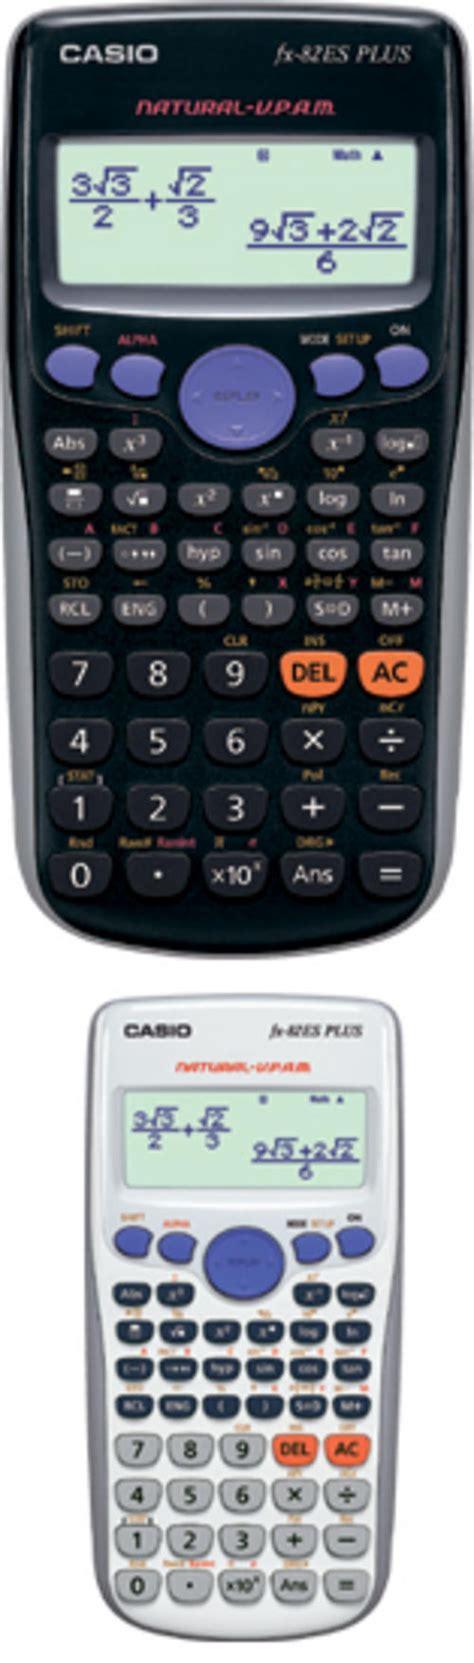 Casio Calculator Fx 82 Es Plus calculators casio fx 82es plus calculator was sold for